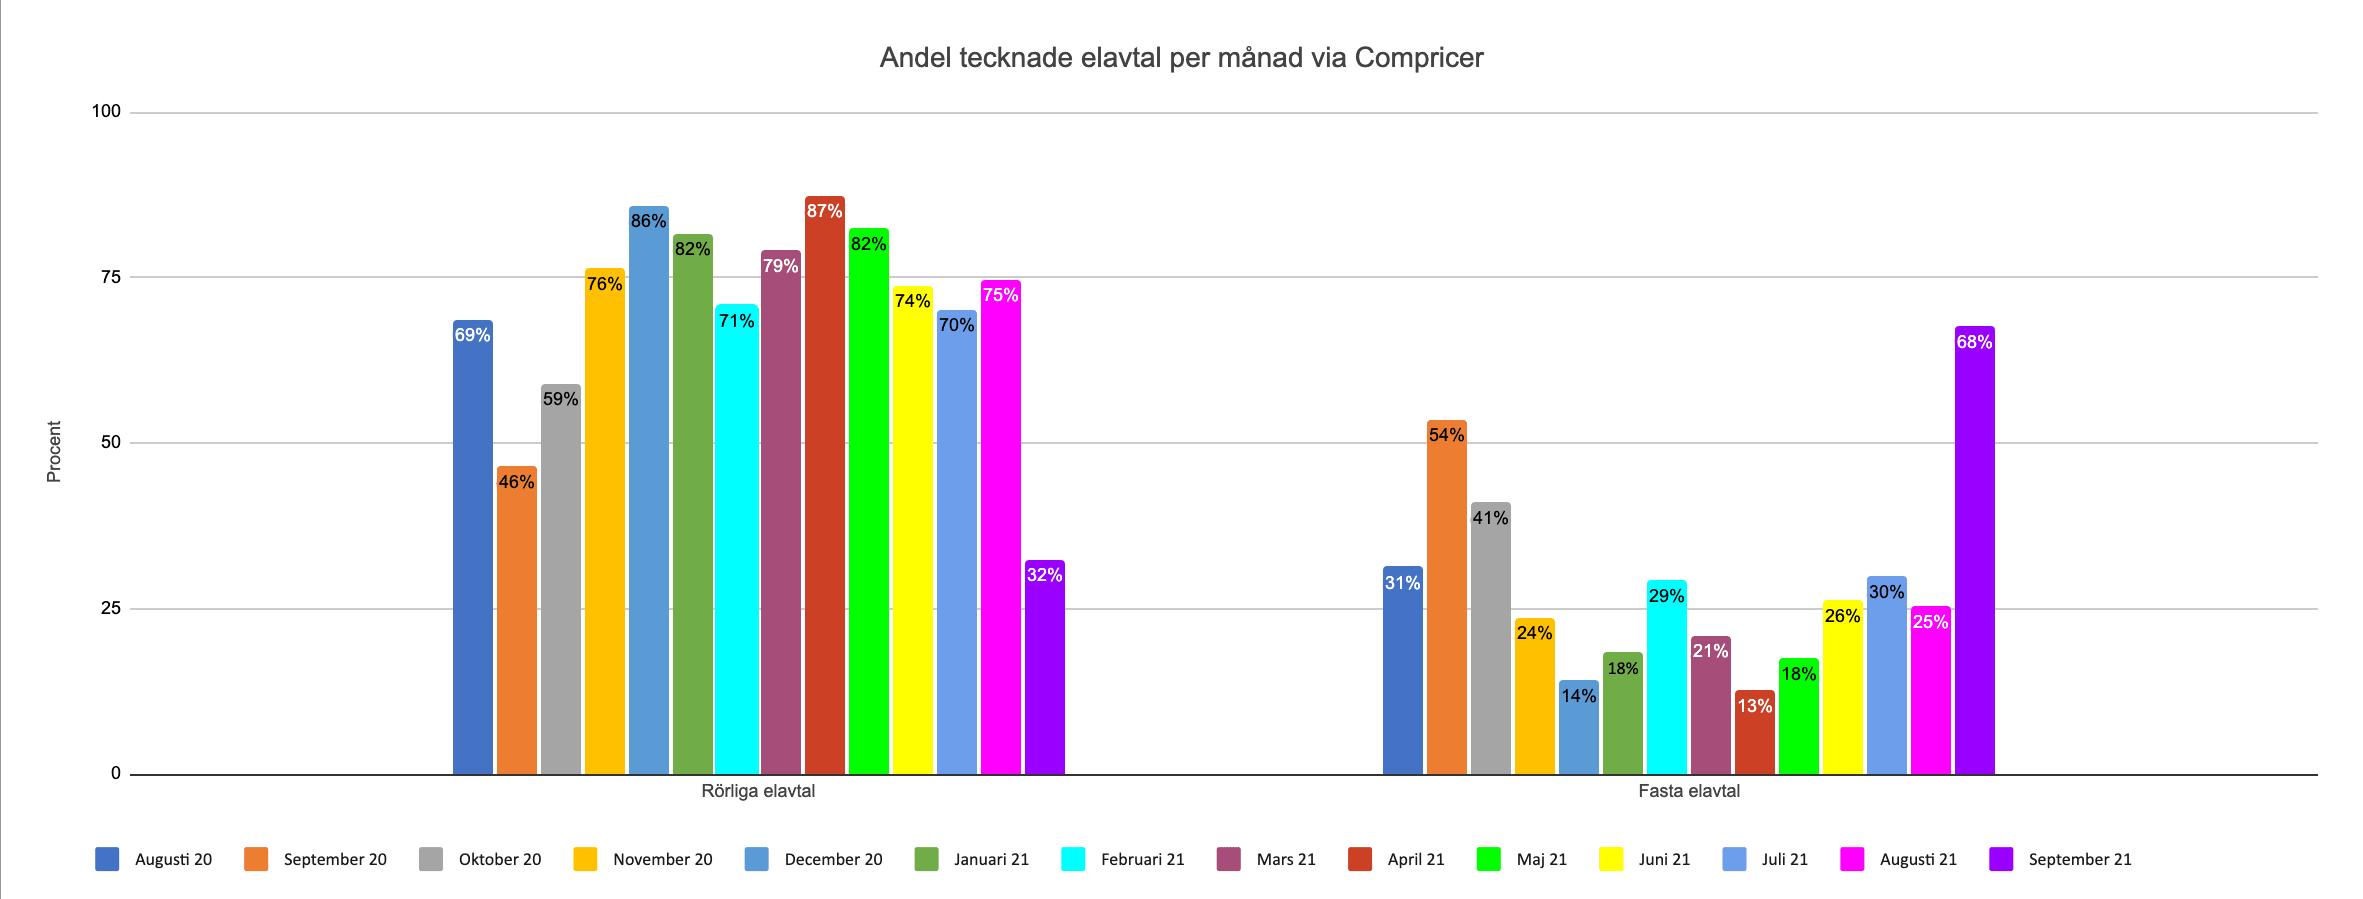 Andel bundna respektive rörliga elavtal hos Compricer augusti 2020 - september 2021